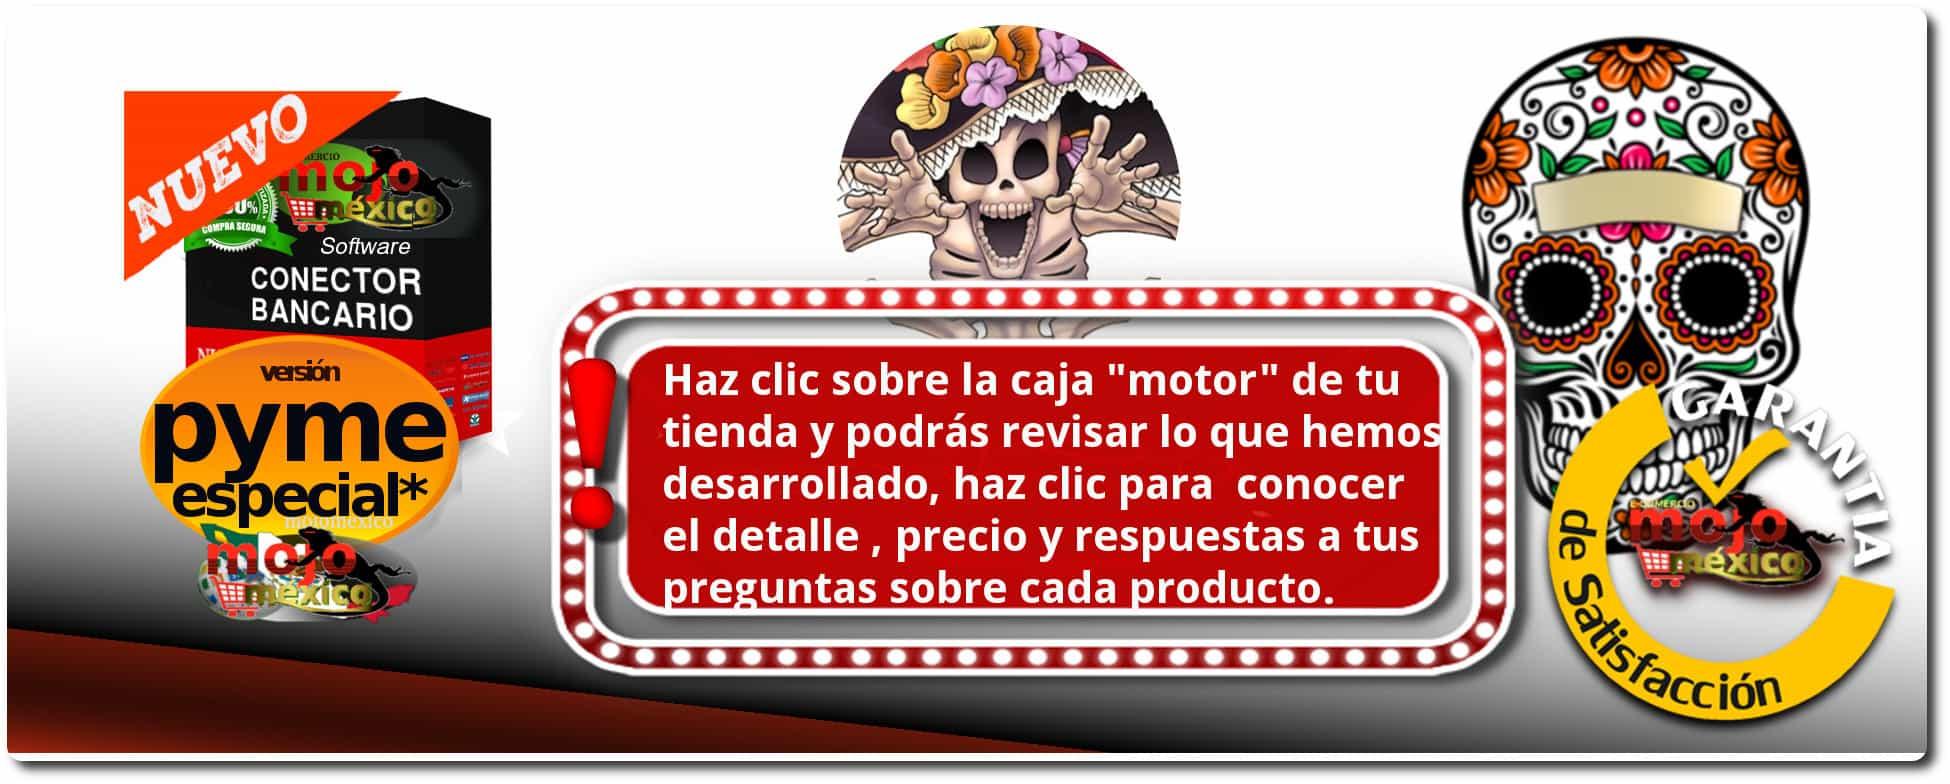 slider-fiesta10R